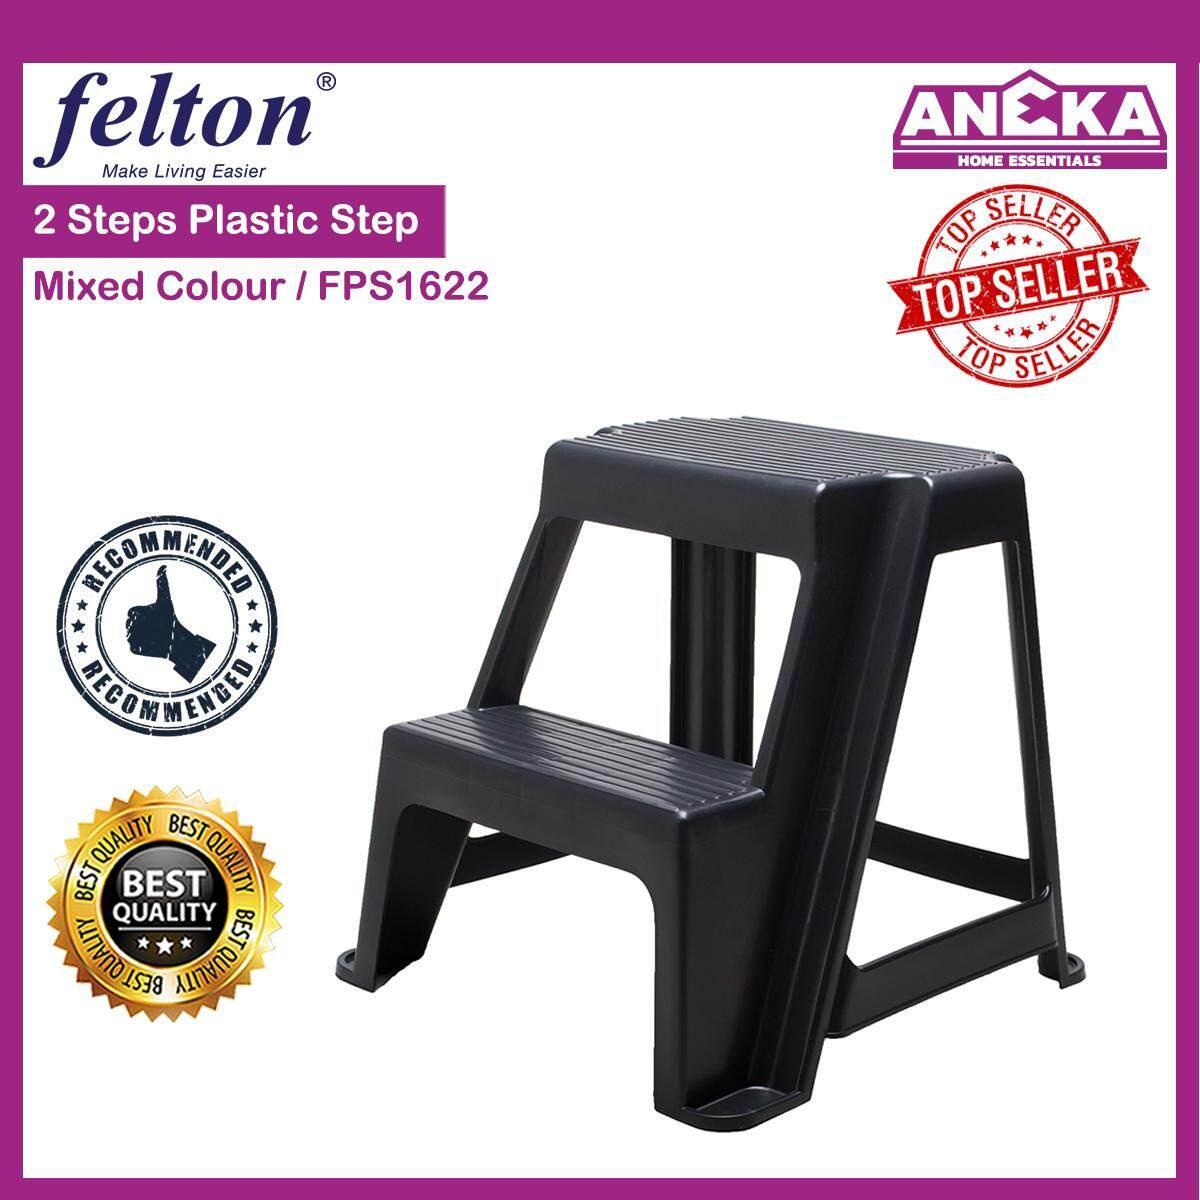 FELTON Plastic Step / 2 Steps FPS1622